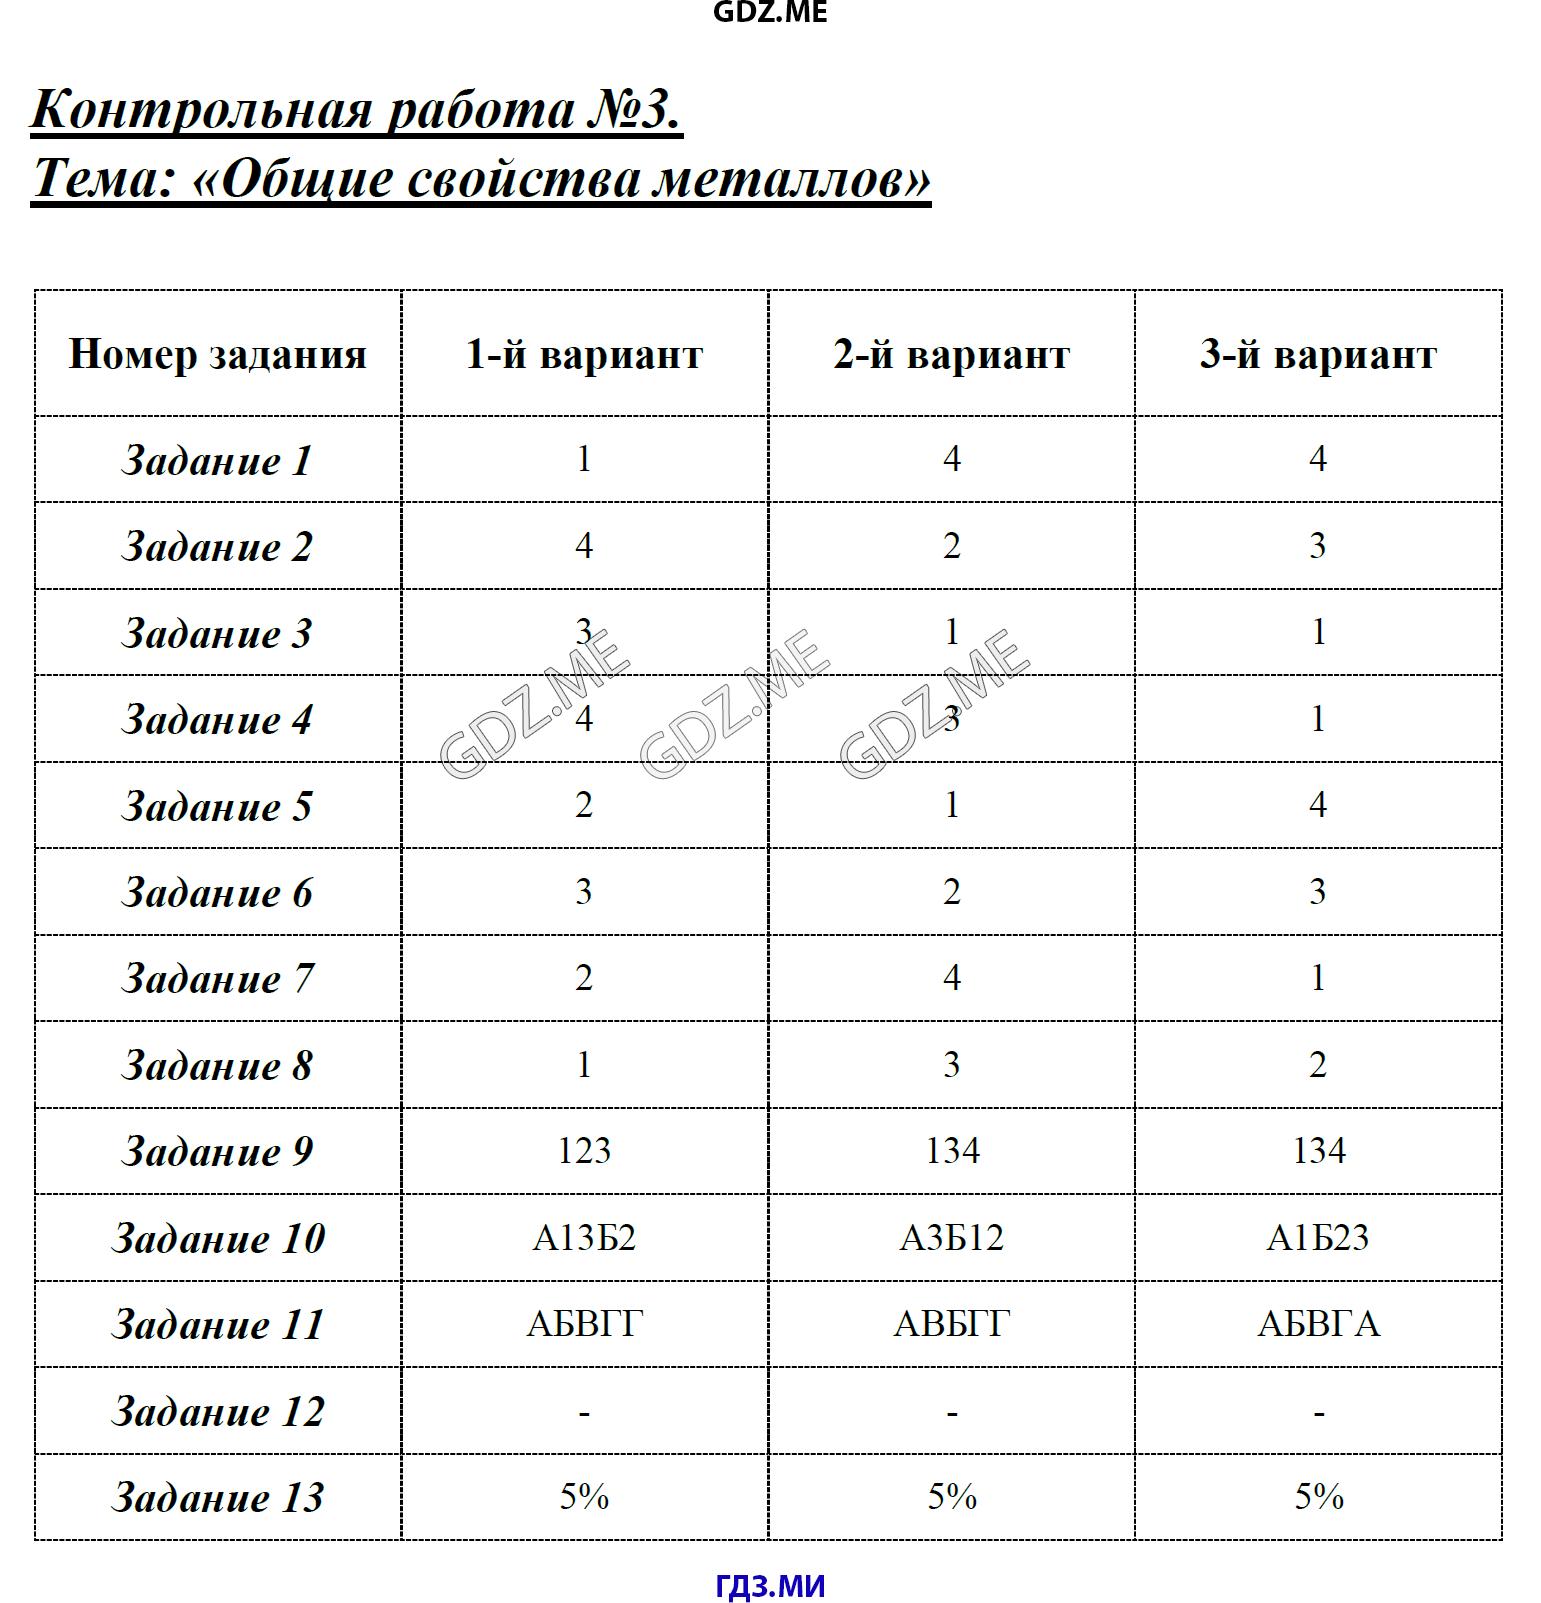 ГДЗ по химии класс Боровских тесты Азот и фосфор решебник Аммиак Физические и химические свойства Контрольная работа №3 Общие свойства металлов